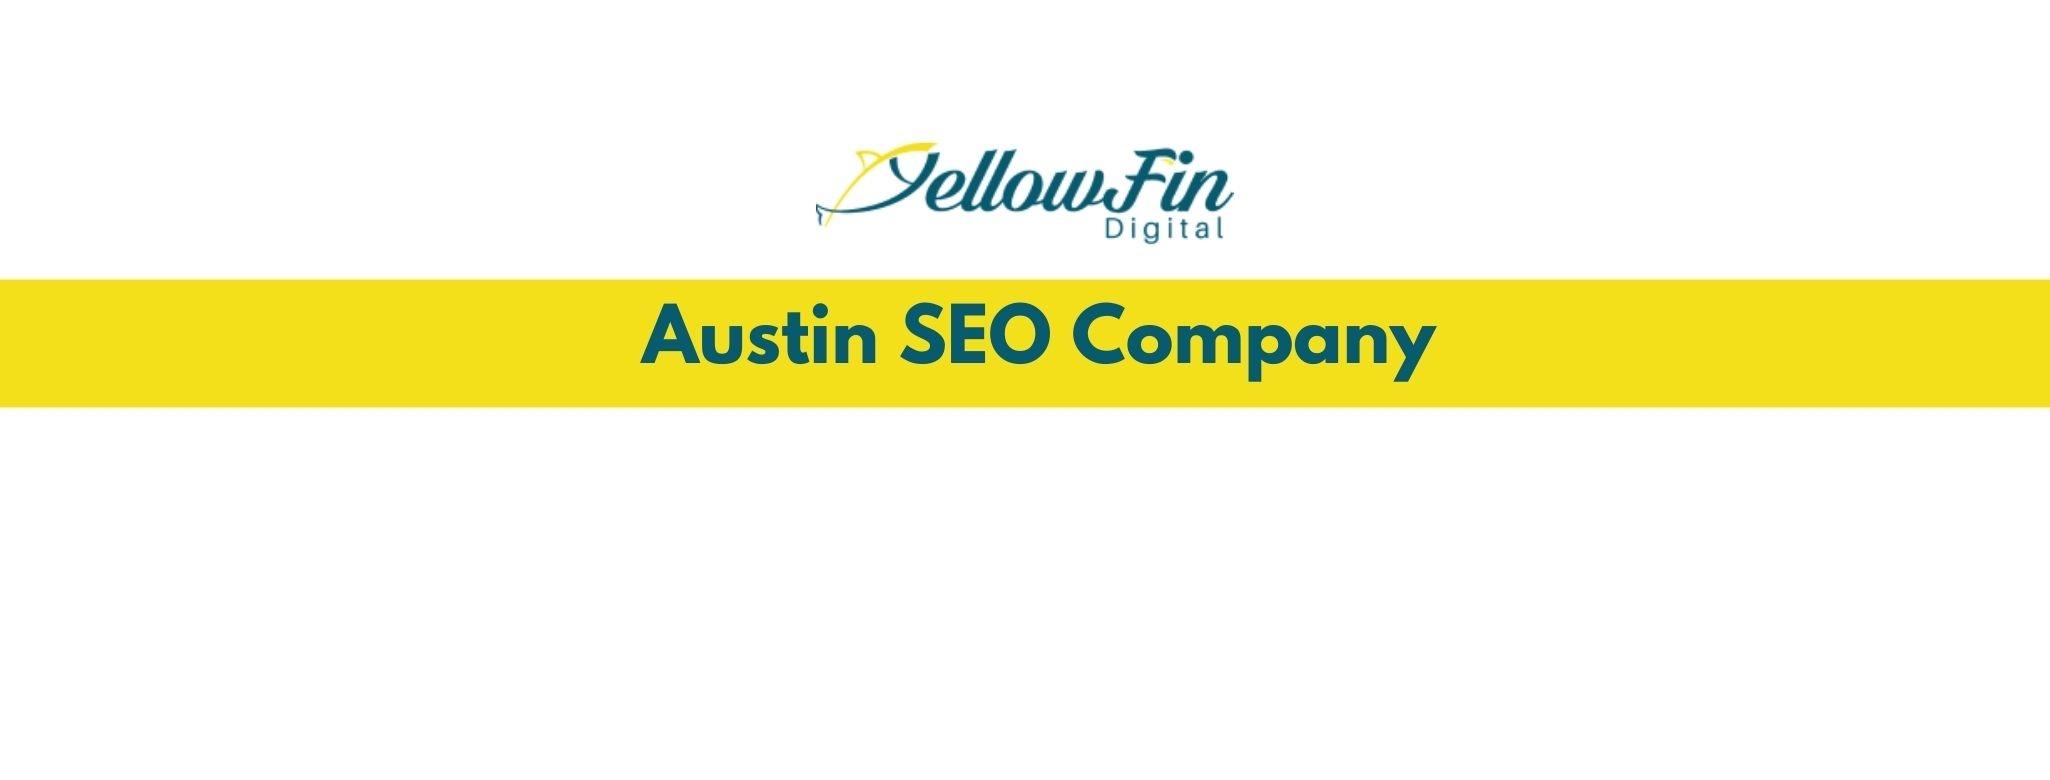 YellowFin Digita (@yellowfindigital07) Cover Image